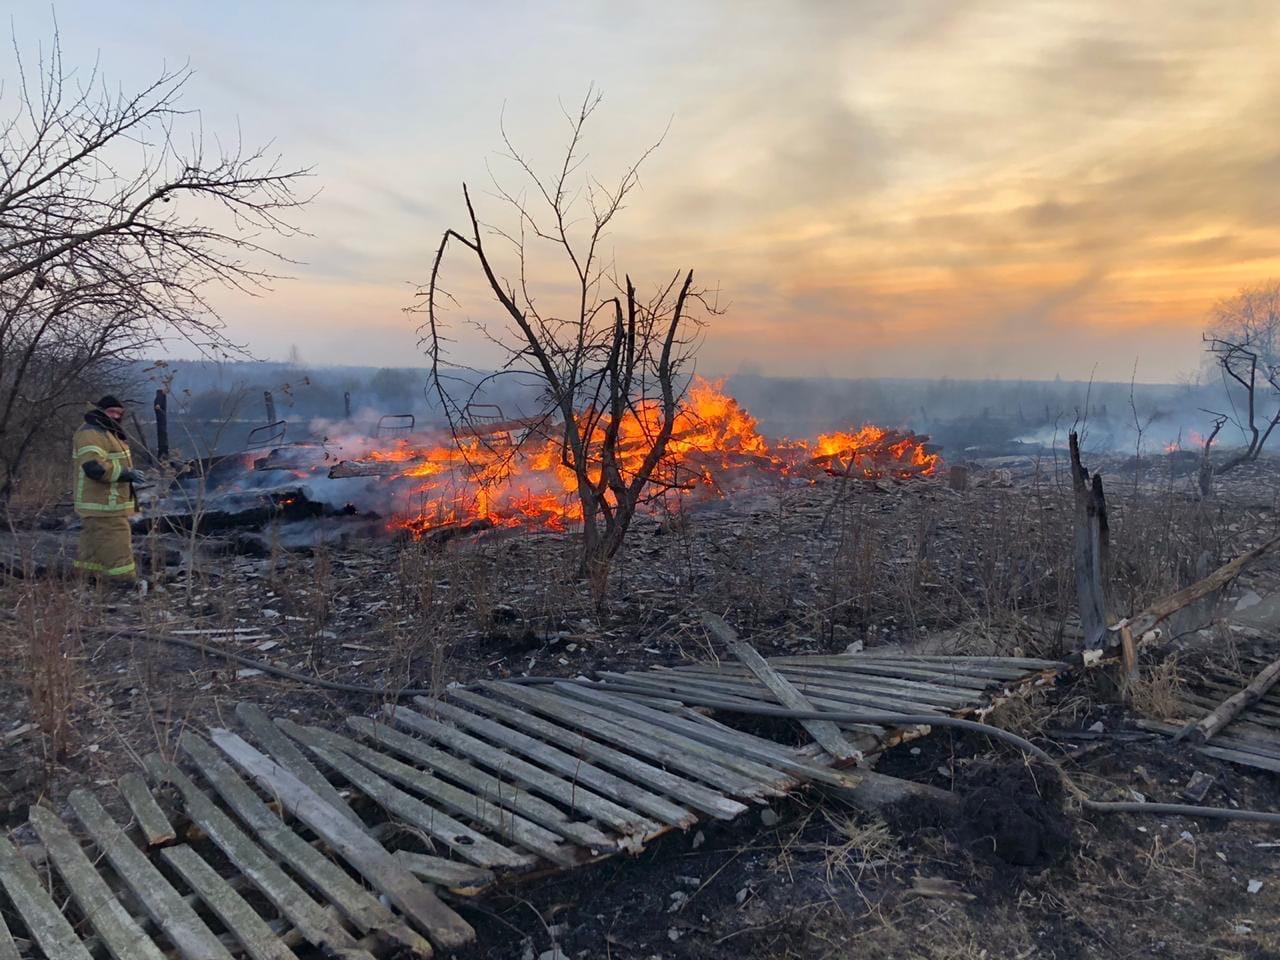 В Мордовии пал сухой травы закончился пожаром в пяти домах